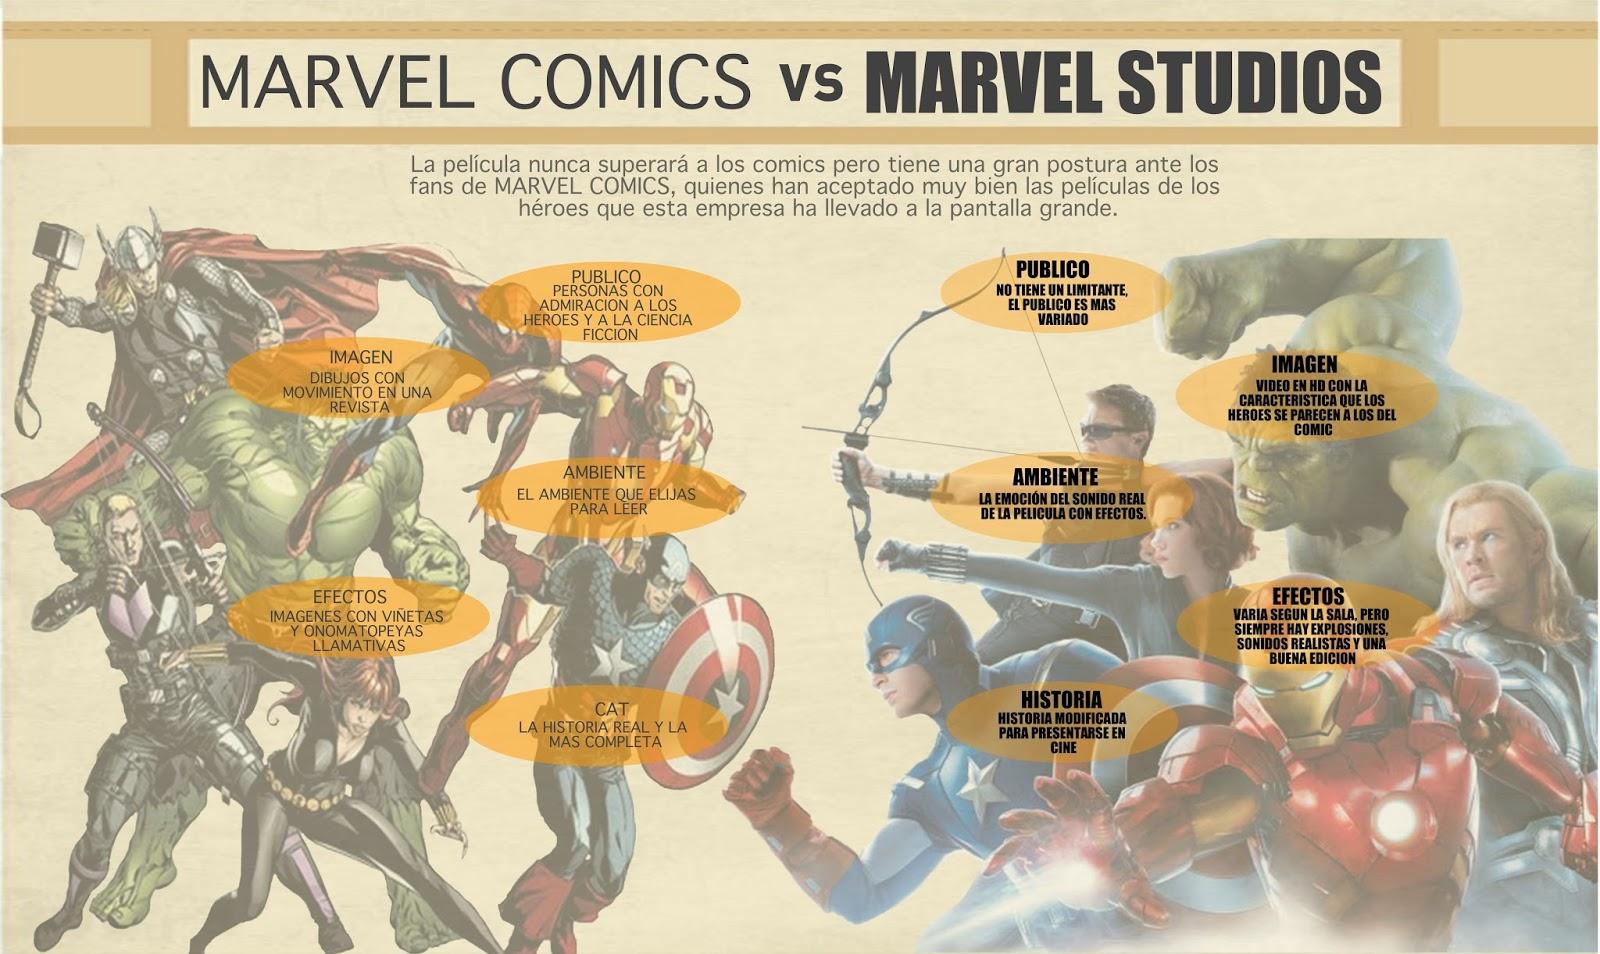 Marvel Comic VS Marvel Studios